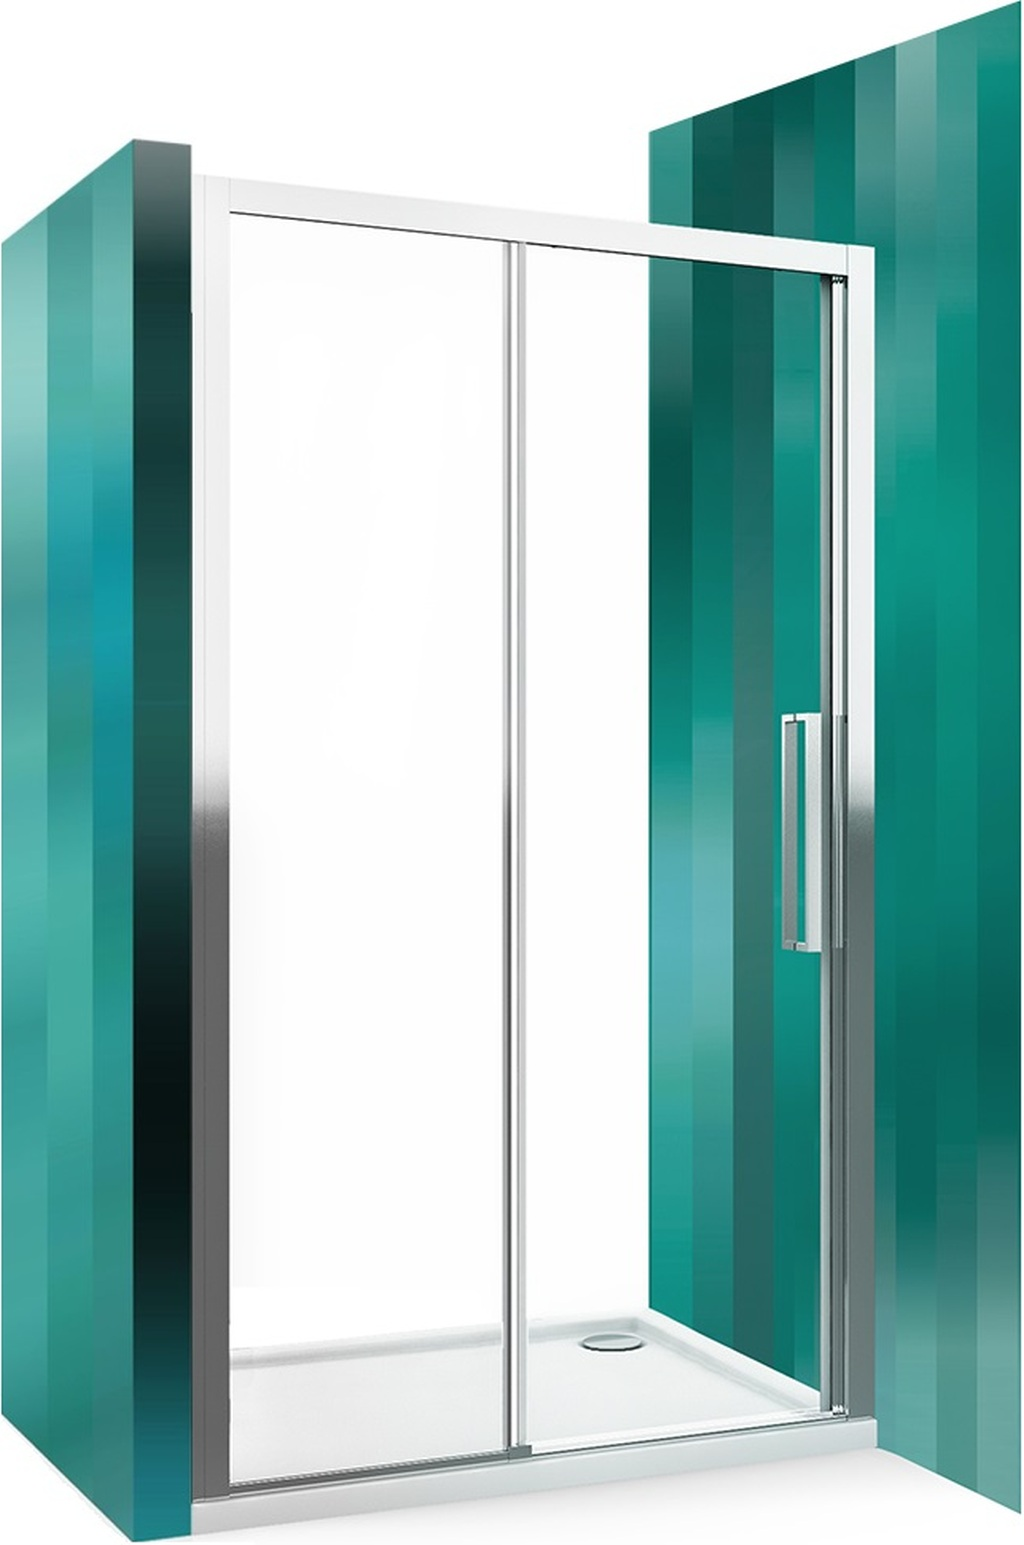 ROLTECHNIK Sprchové dveře posuvné pro instalaci do niky ECD2L/1200 brillant/transparent 564-120000L-00-02